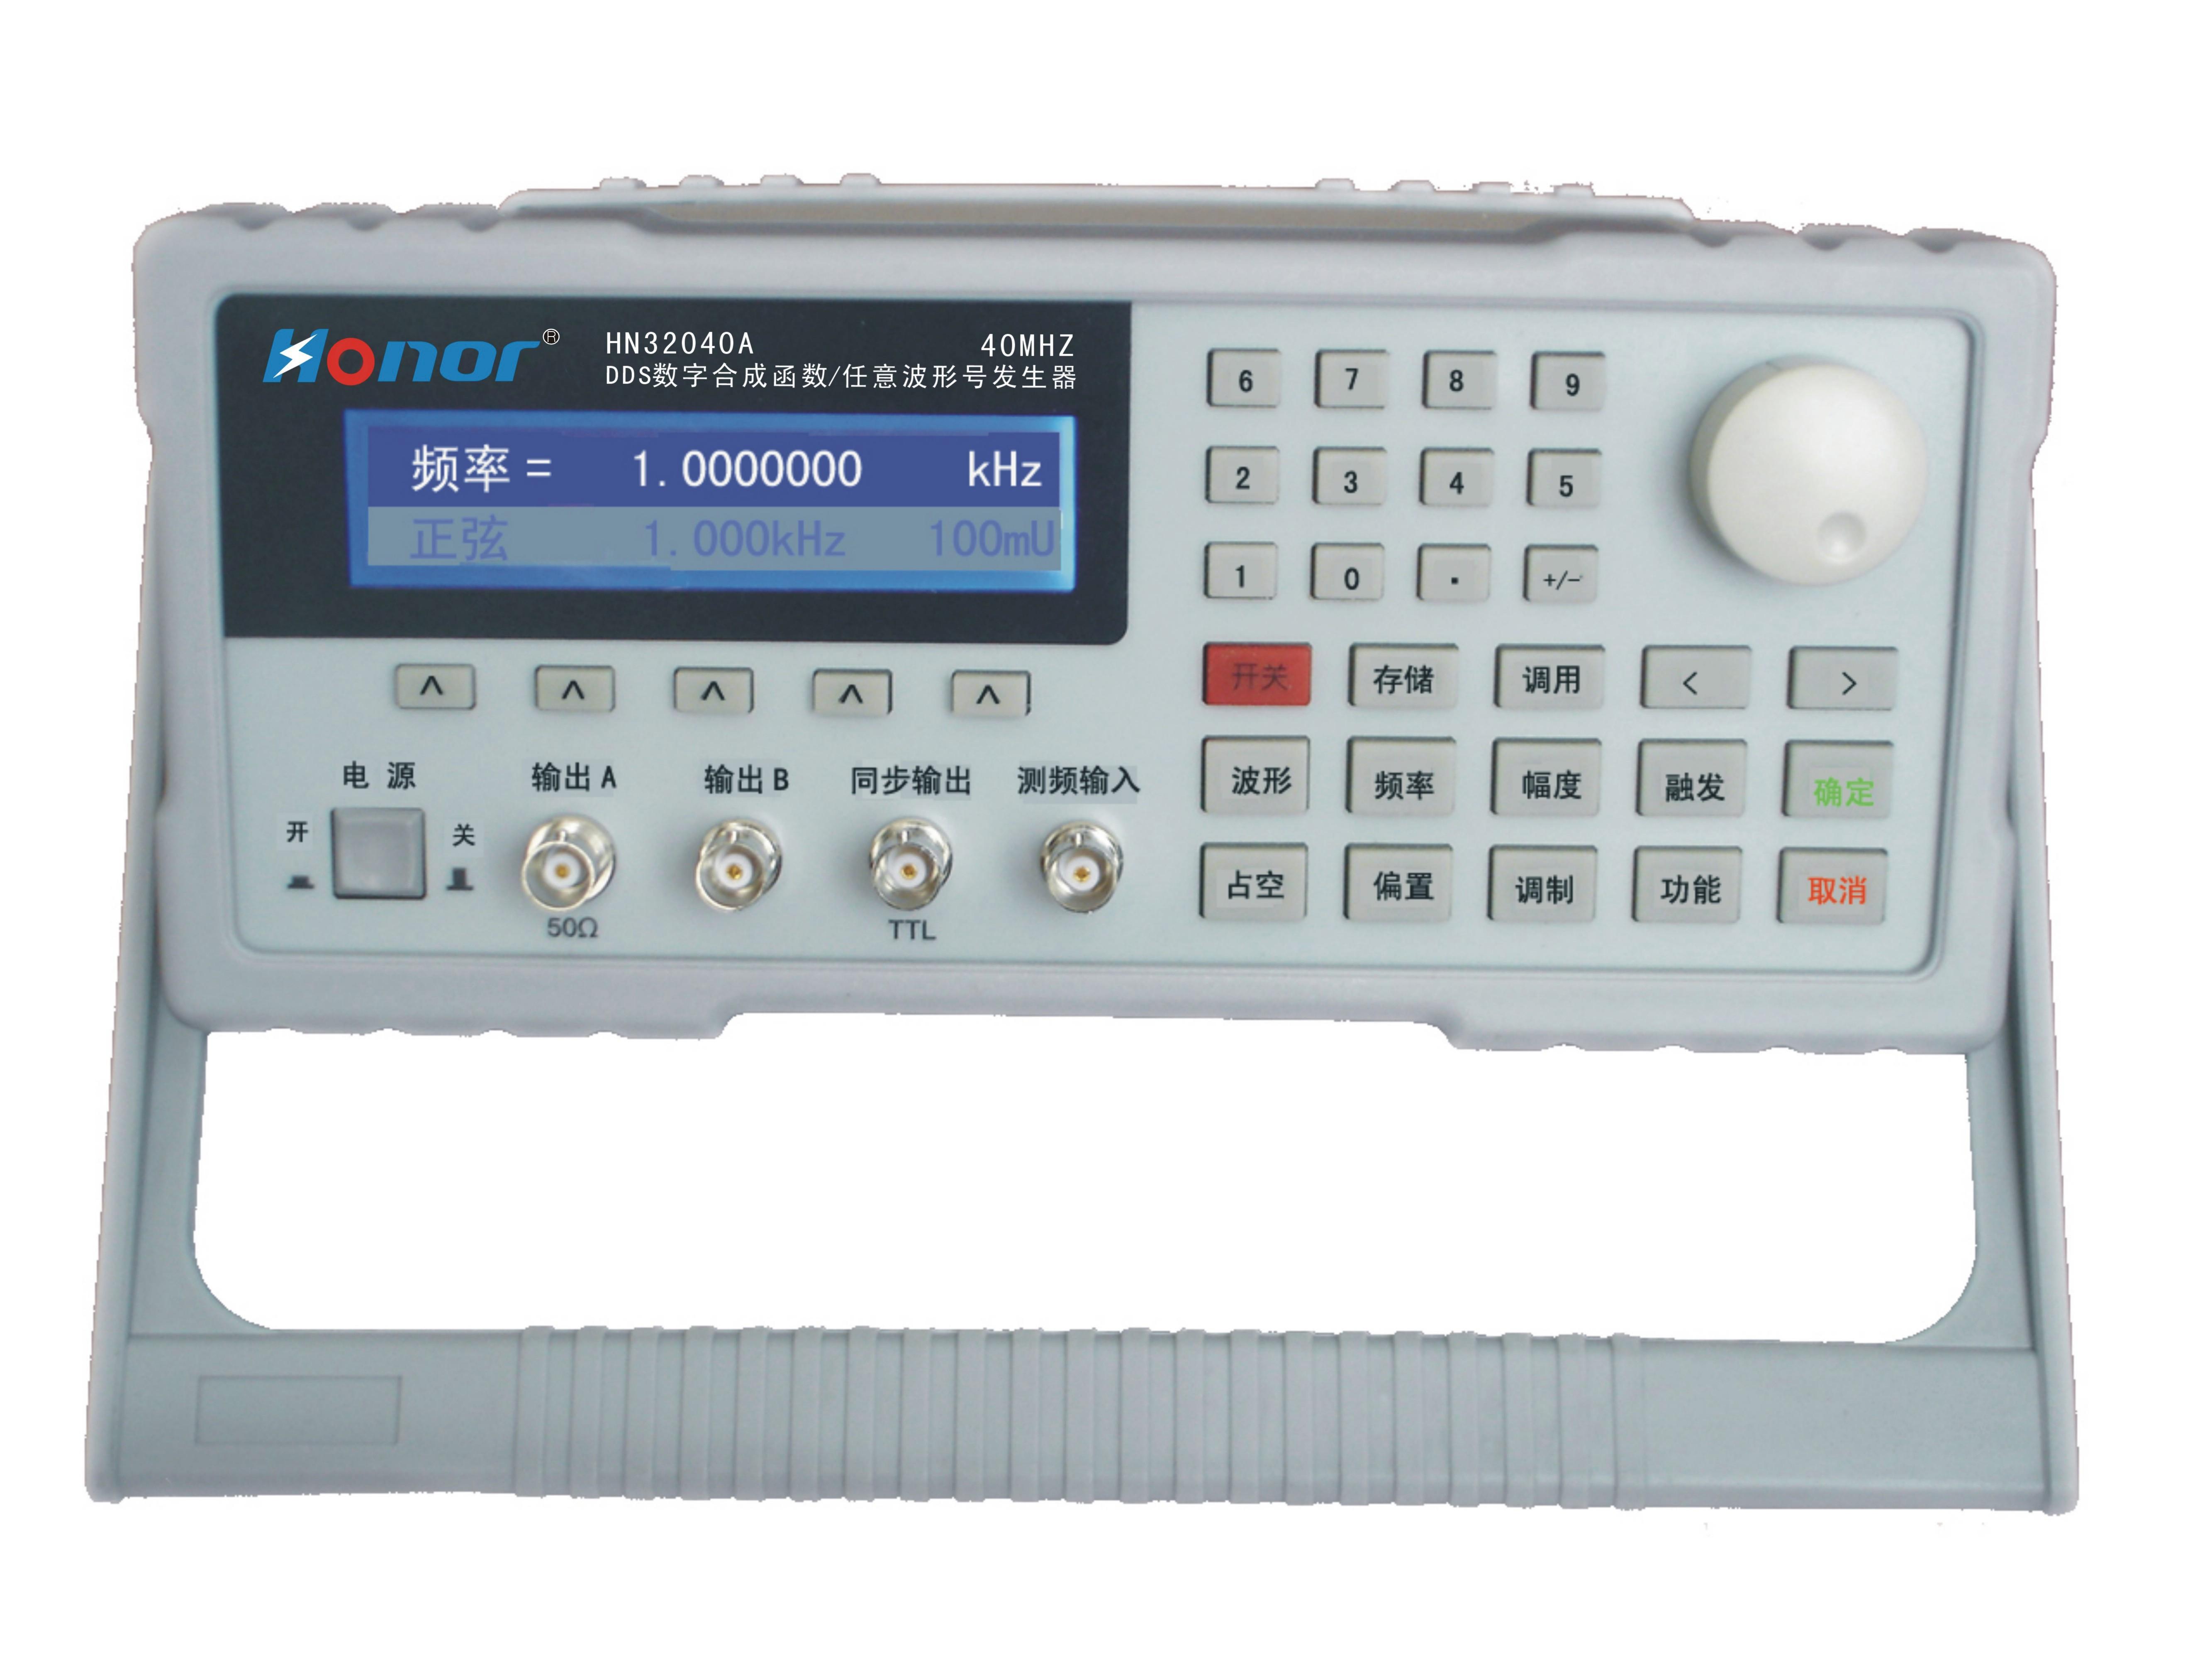 【供应】dds函数任意波形发生器